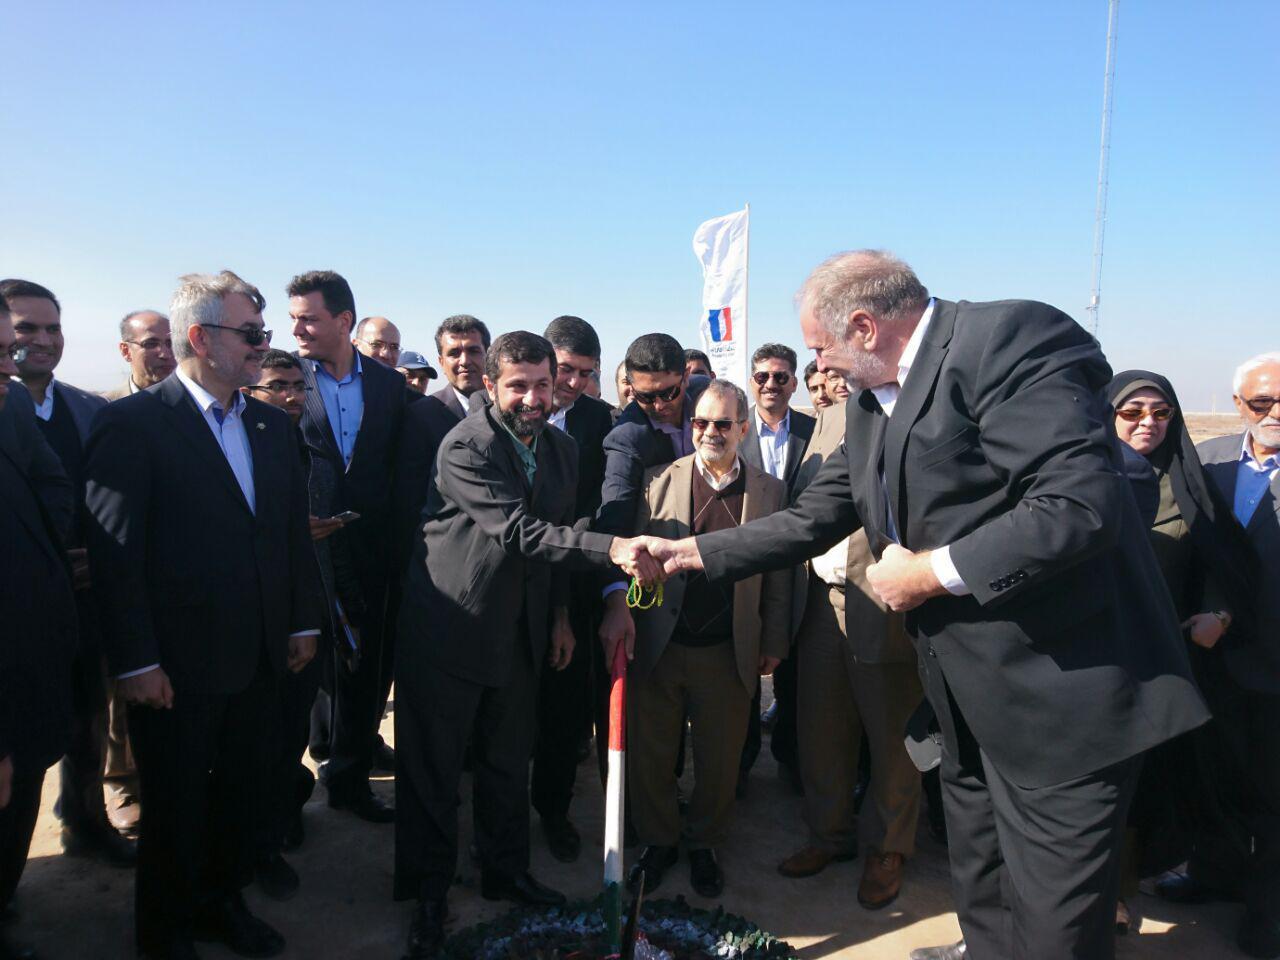 بزرگترین پروژه نیروگاه بادی کشور در خرمشهر کلنگ زنی شد